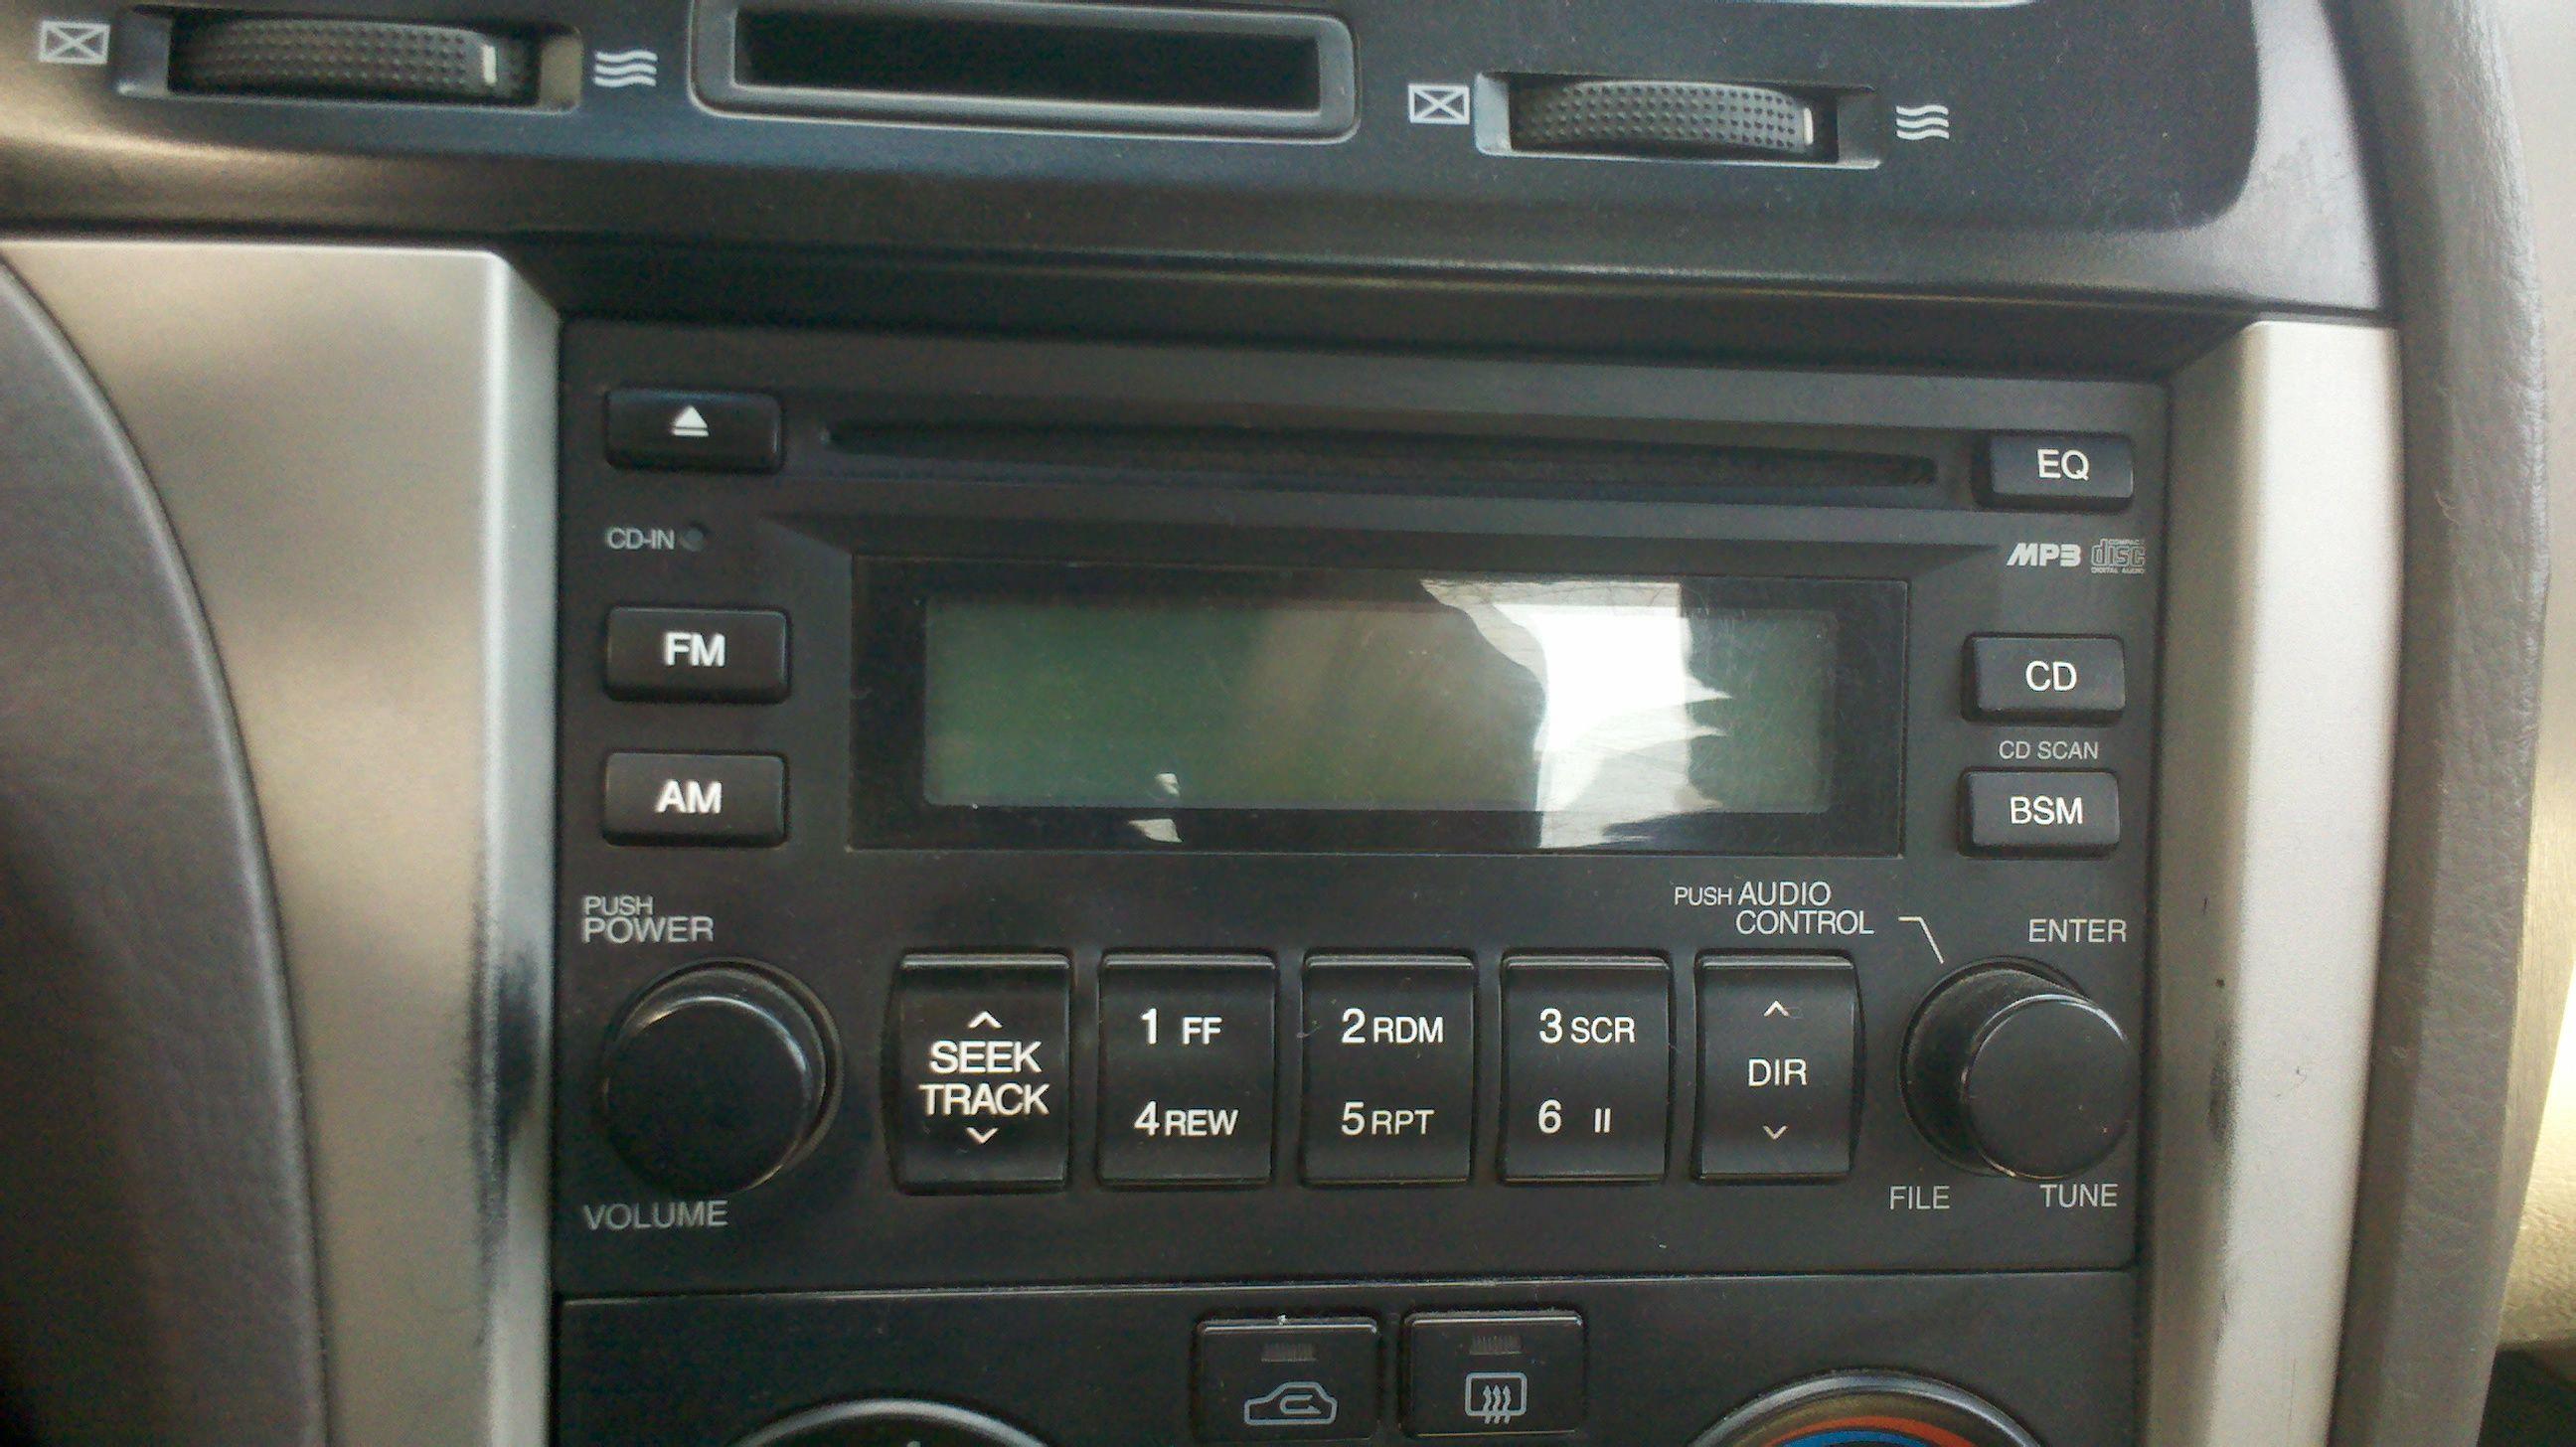 07年款的现代伊兰特汽车上的cd机怎么拆卸下来 高清图片